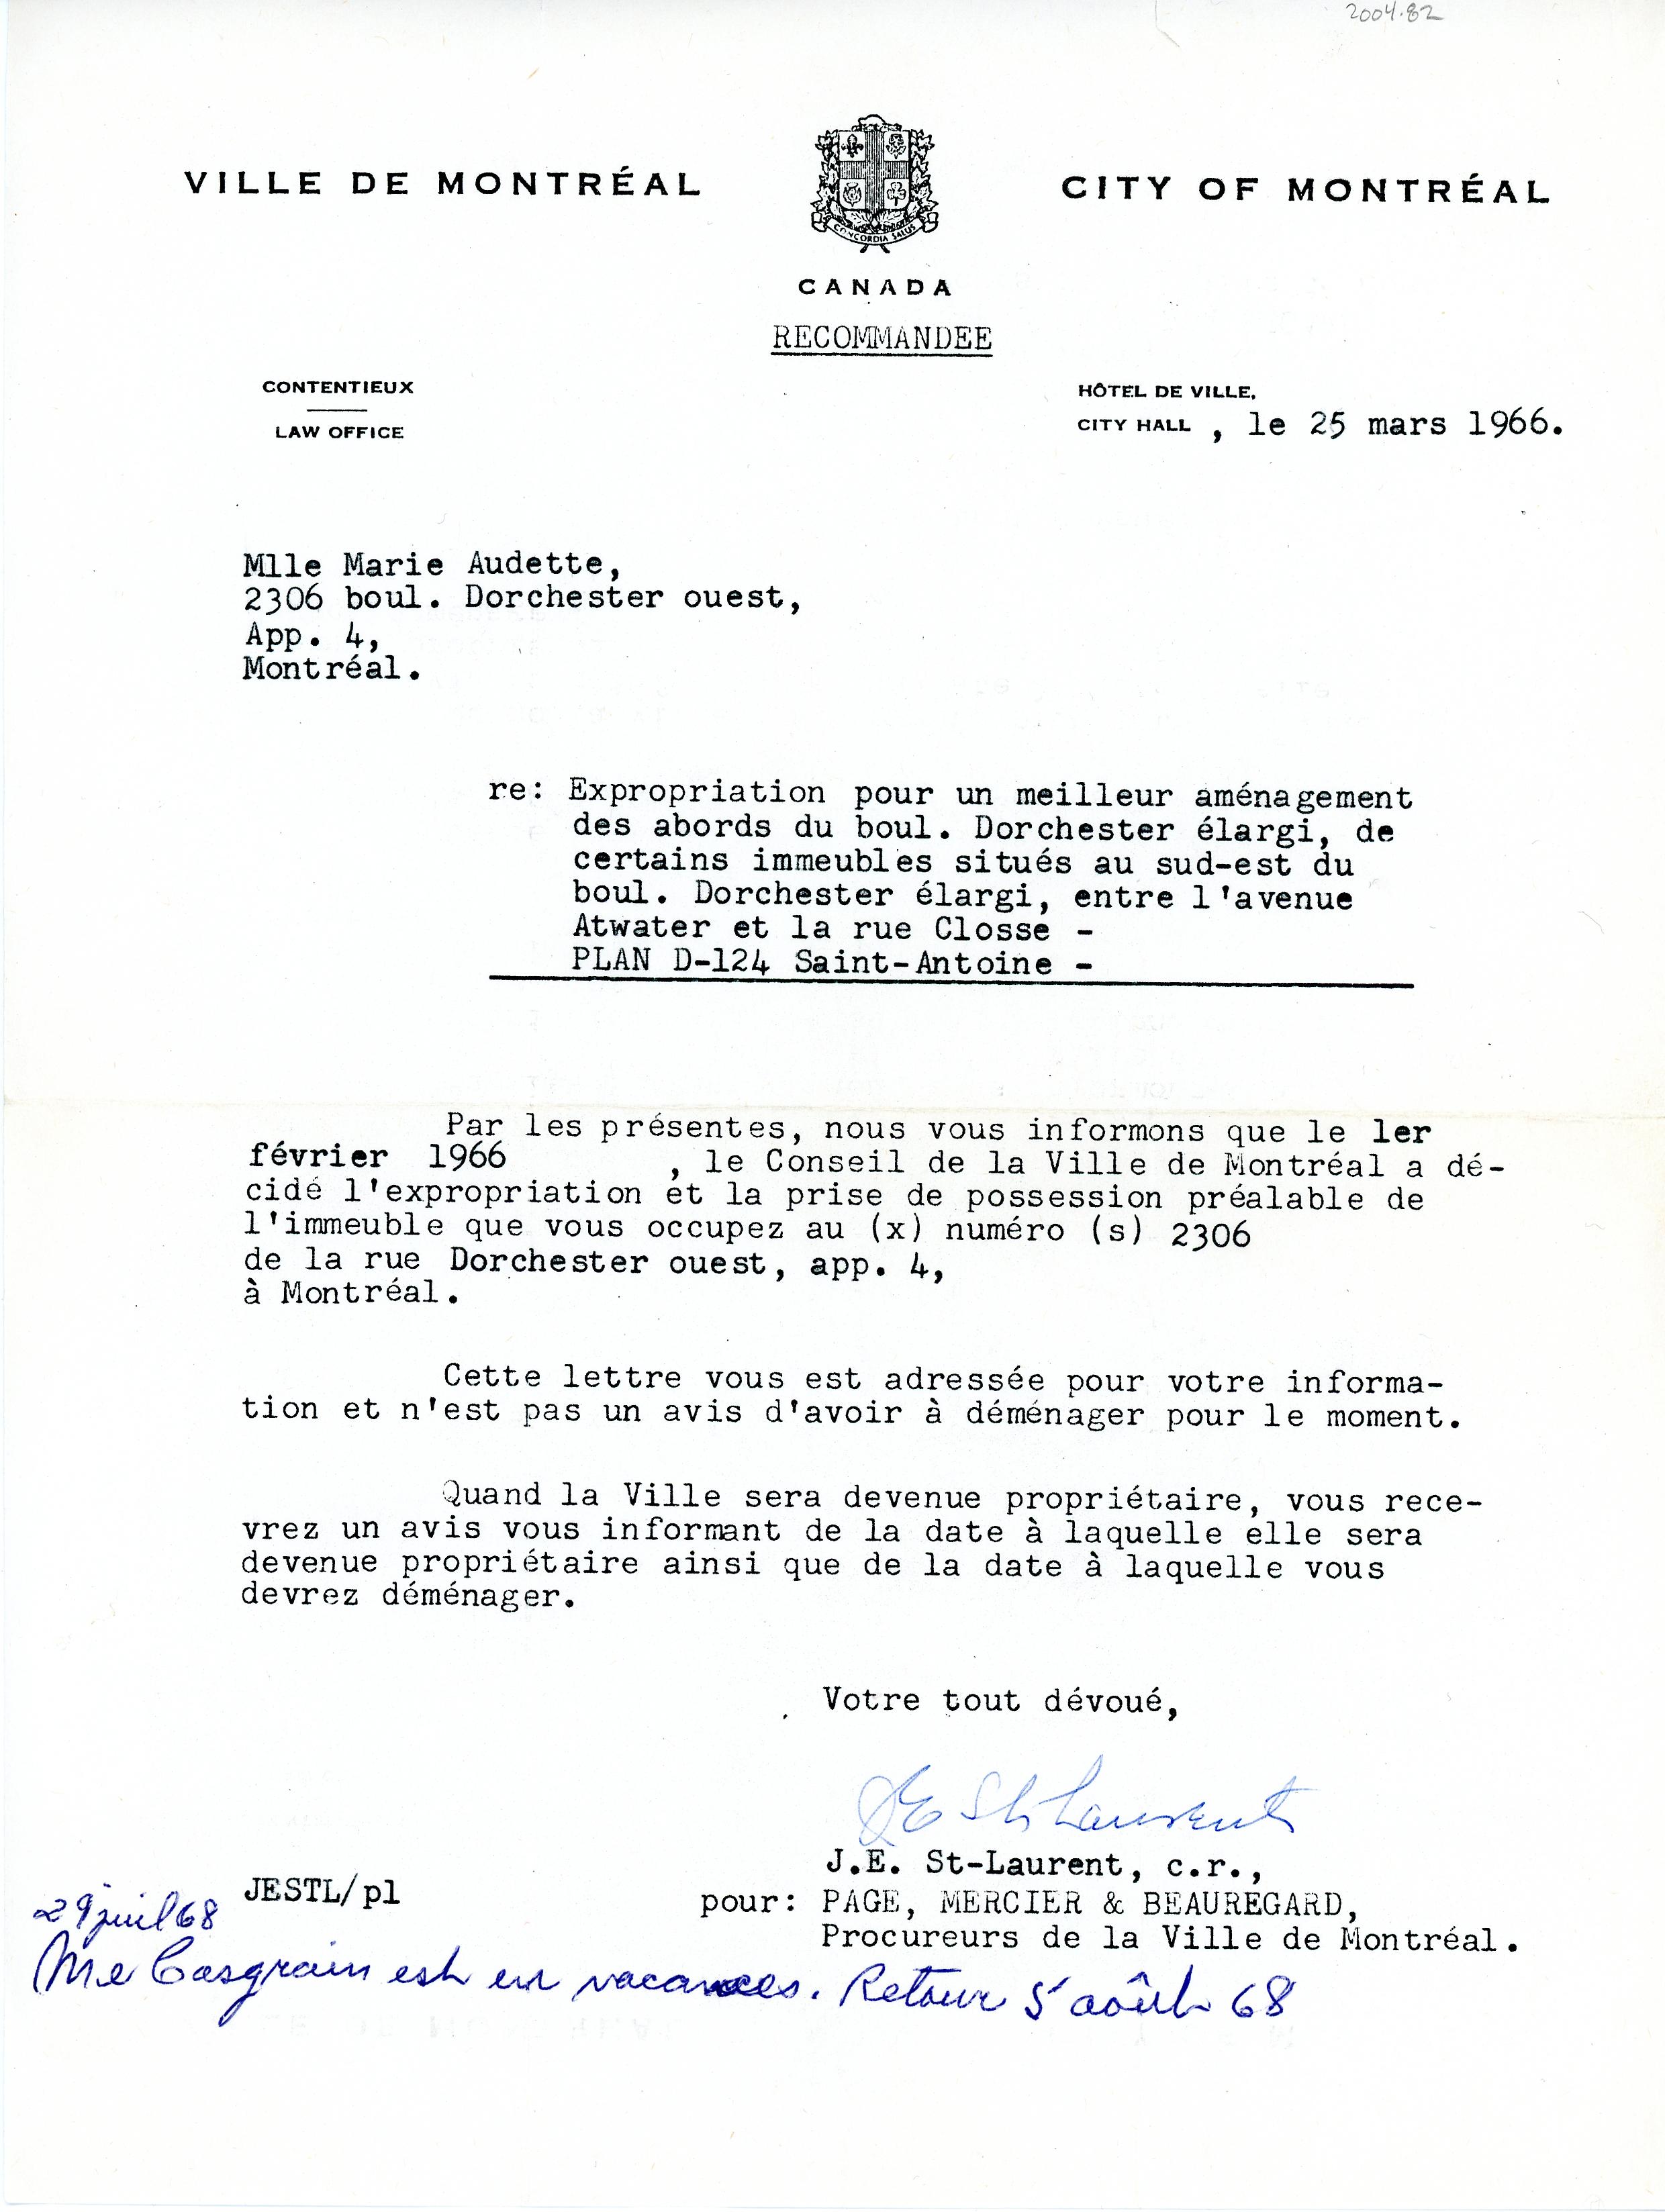 Lettre de la Ville de Montréal pour l'expropriation d'une maison rue Dorchester en 1966.